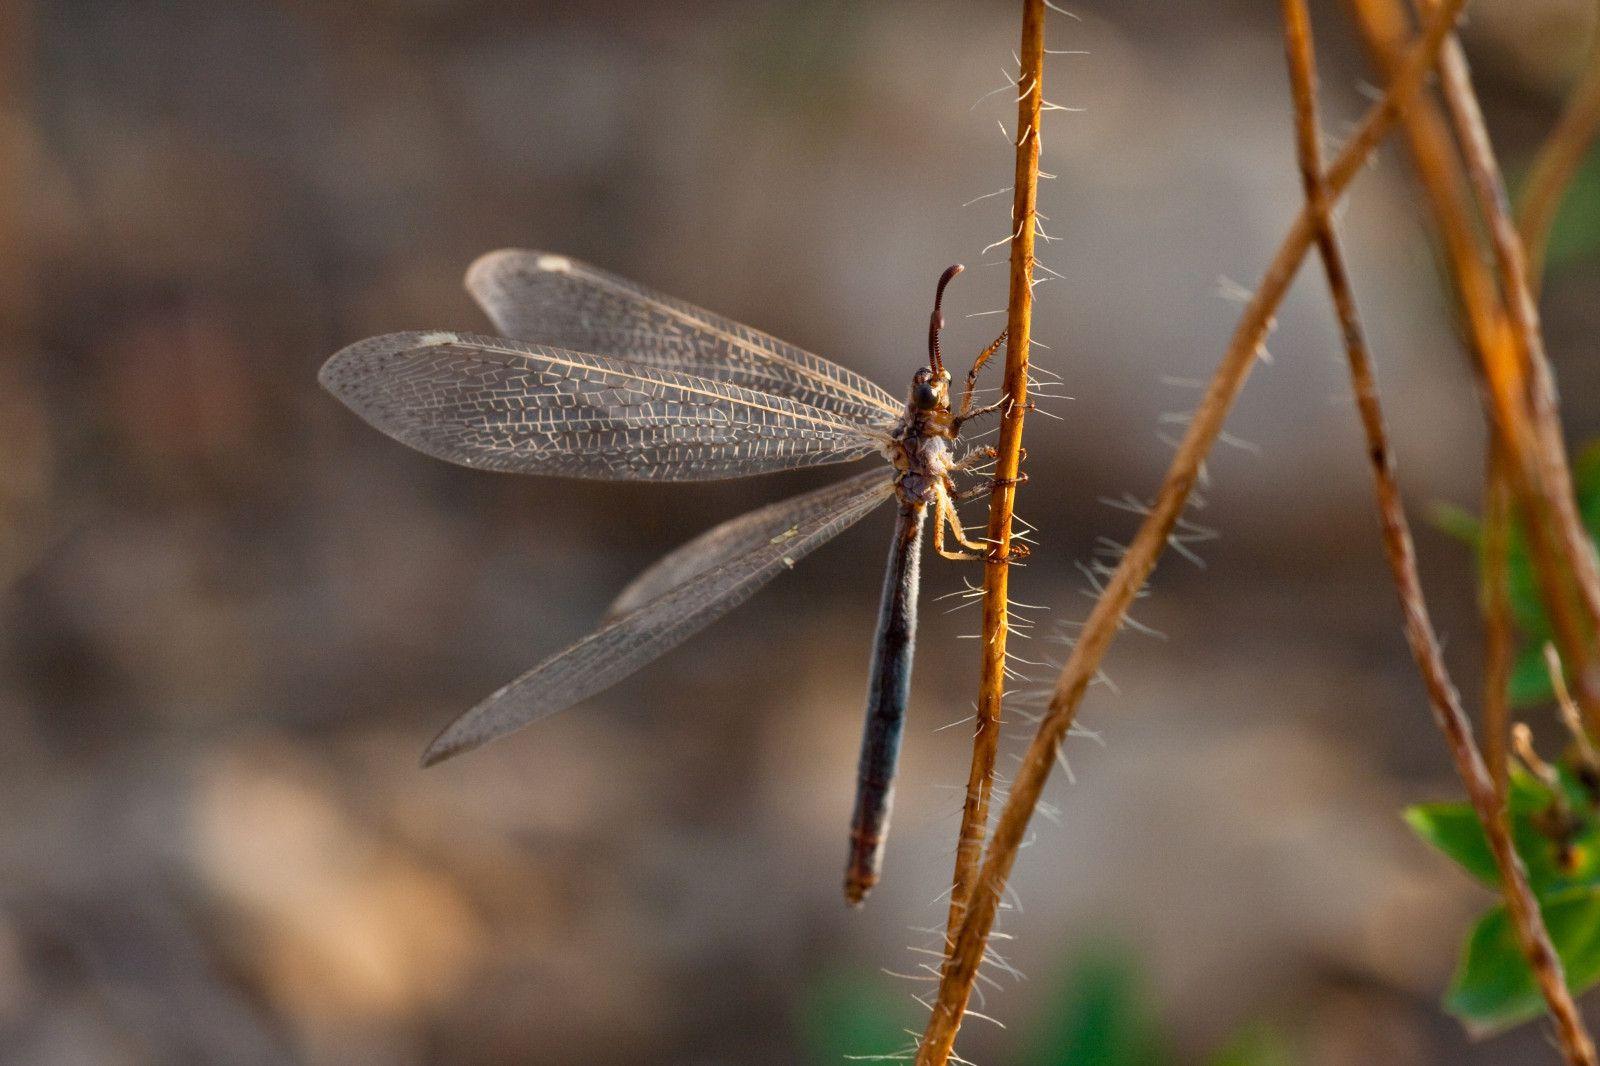 Deux Insectes Volants - Fabrice Camp Photographie concernant Les Noms Des Insectes